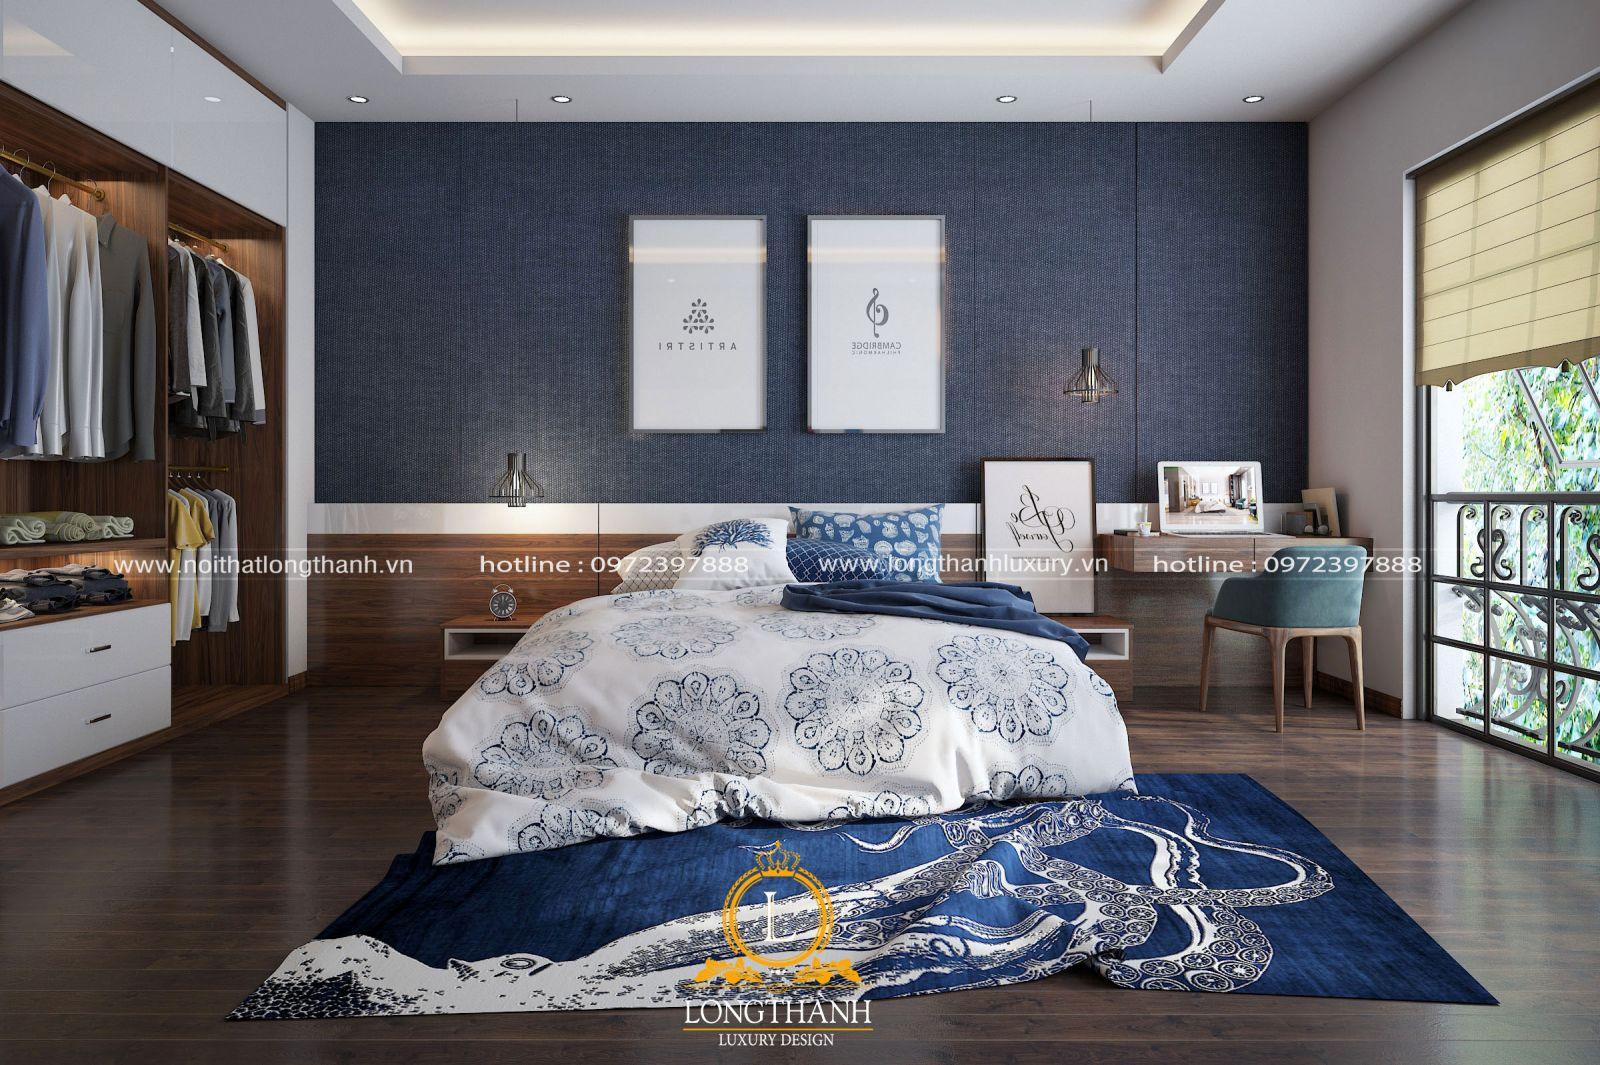 Phòng ngủ hiện đại cao cấp mới lạ và bắt mắt hơn khi có sự kết hợp màu sắc độc đáo